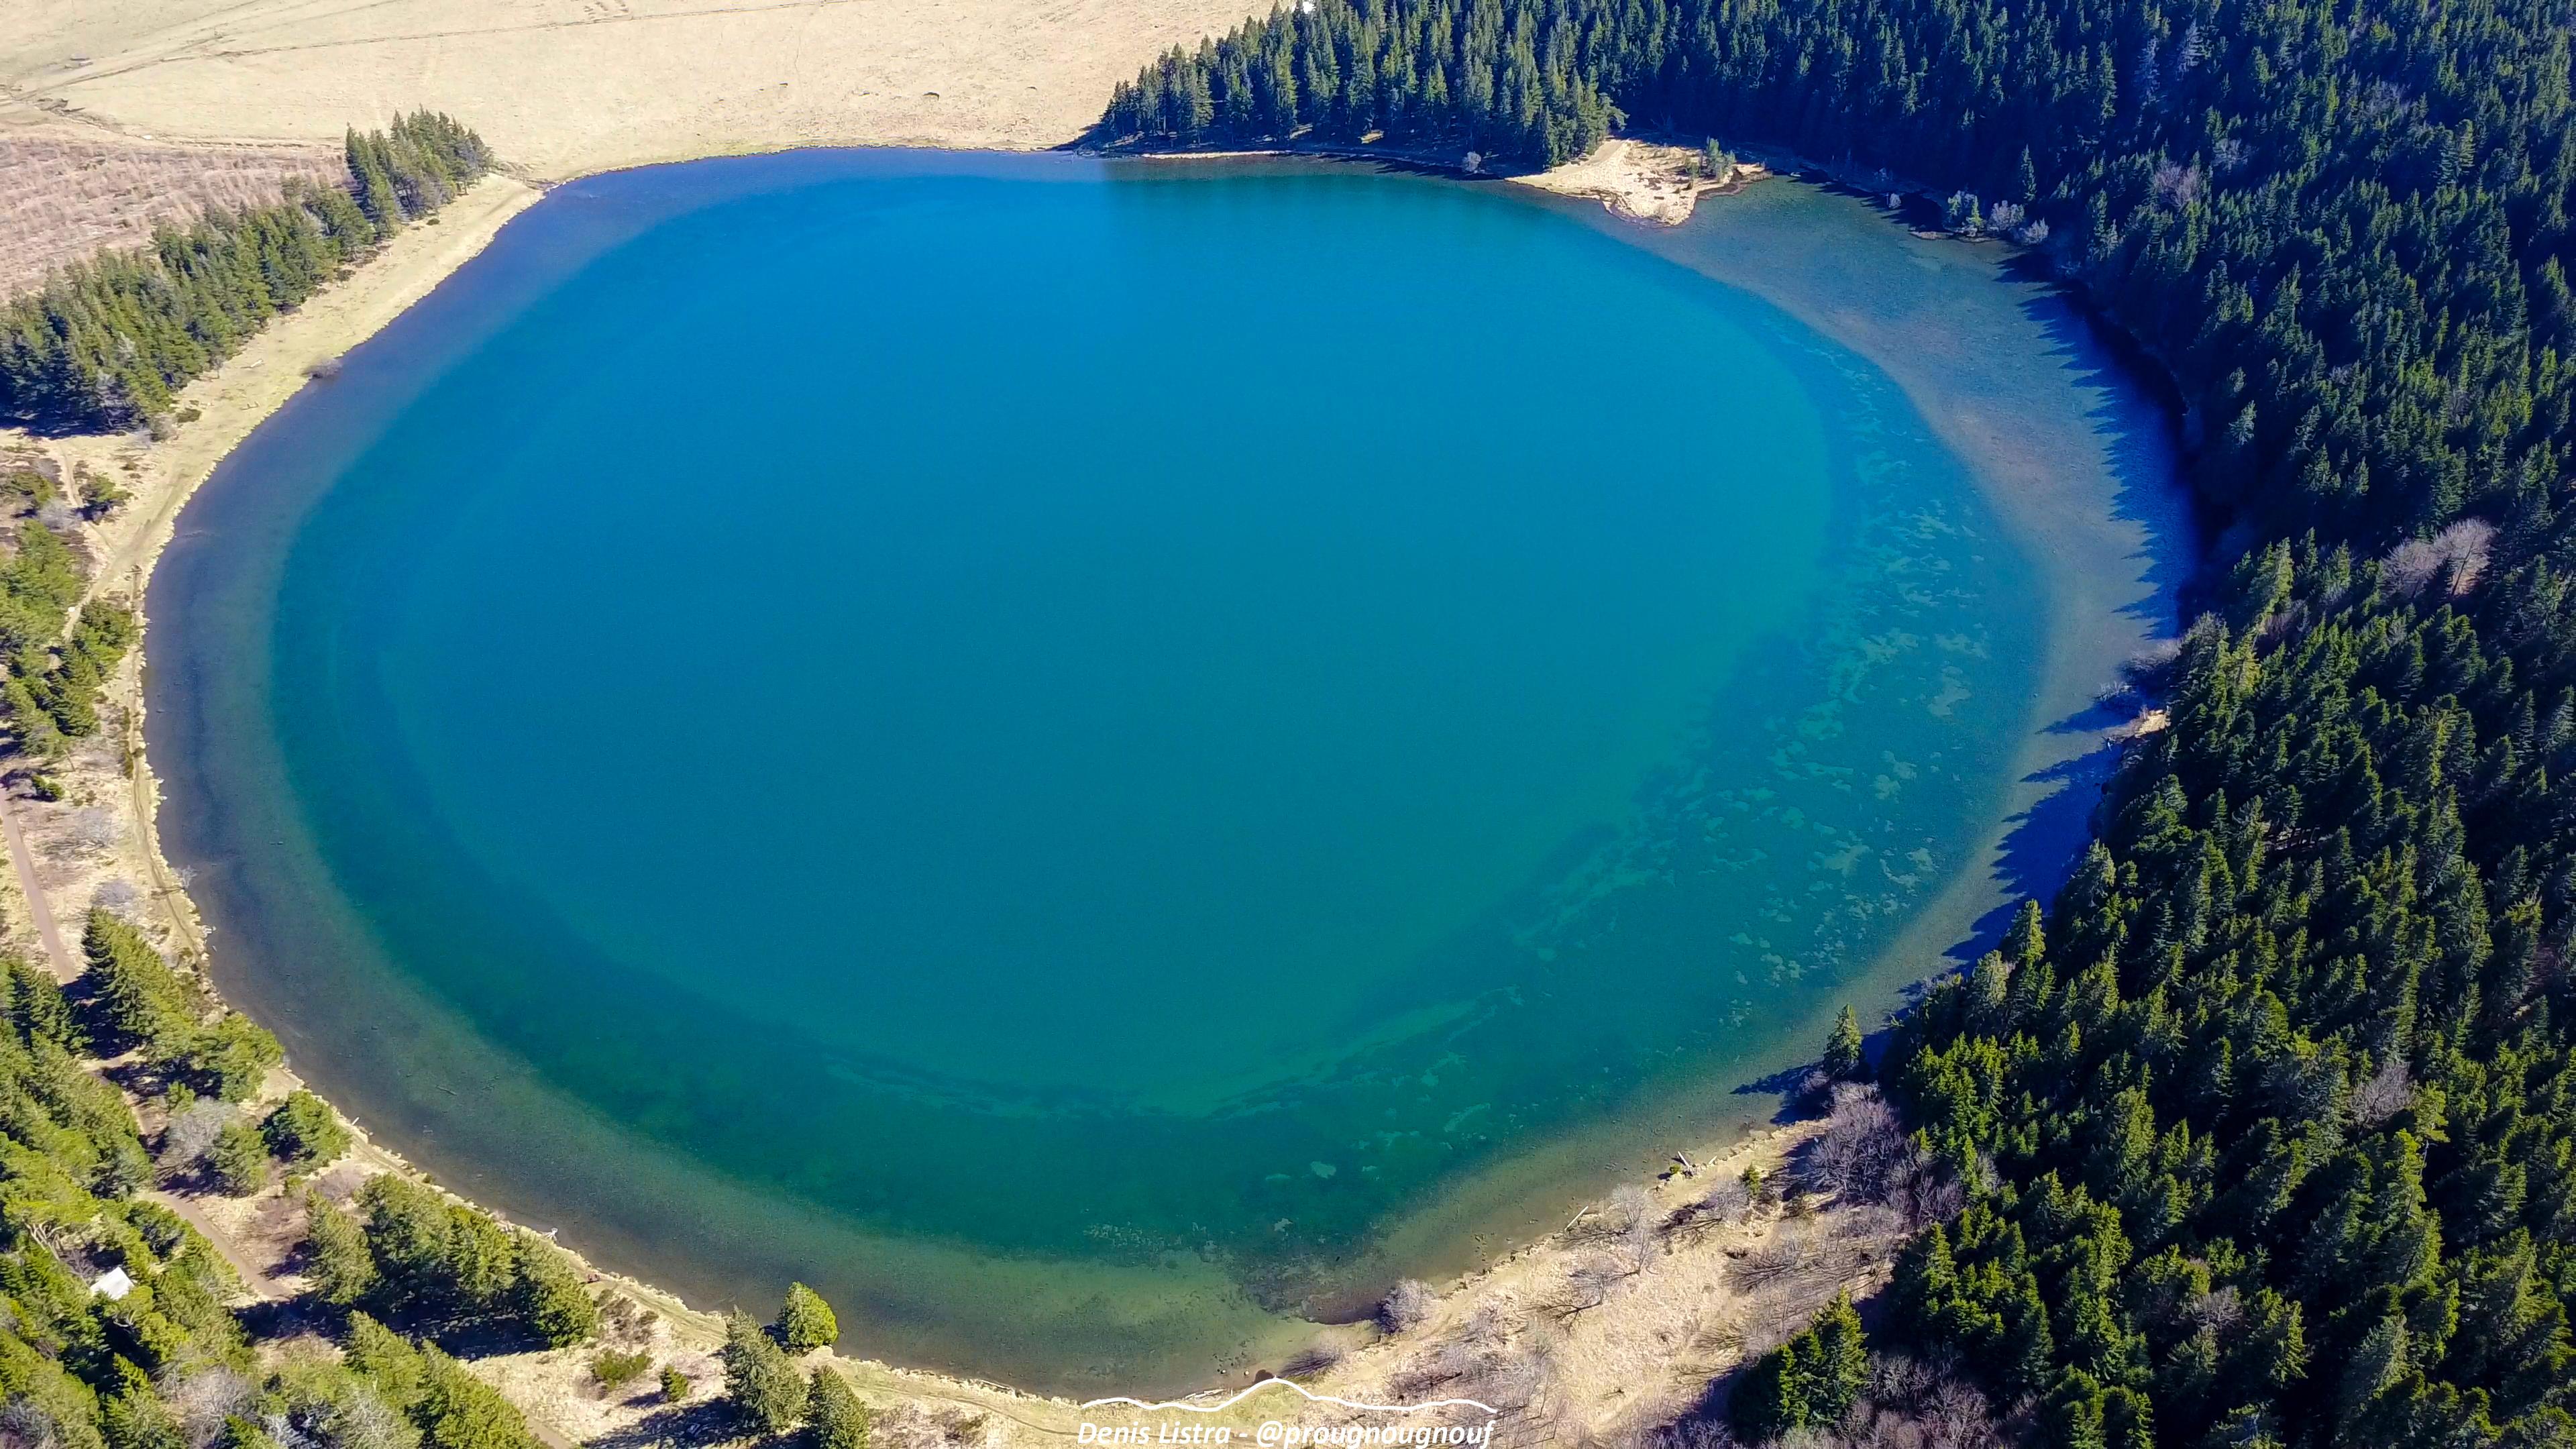 Vol au dessus du Lac de Servières